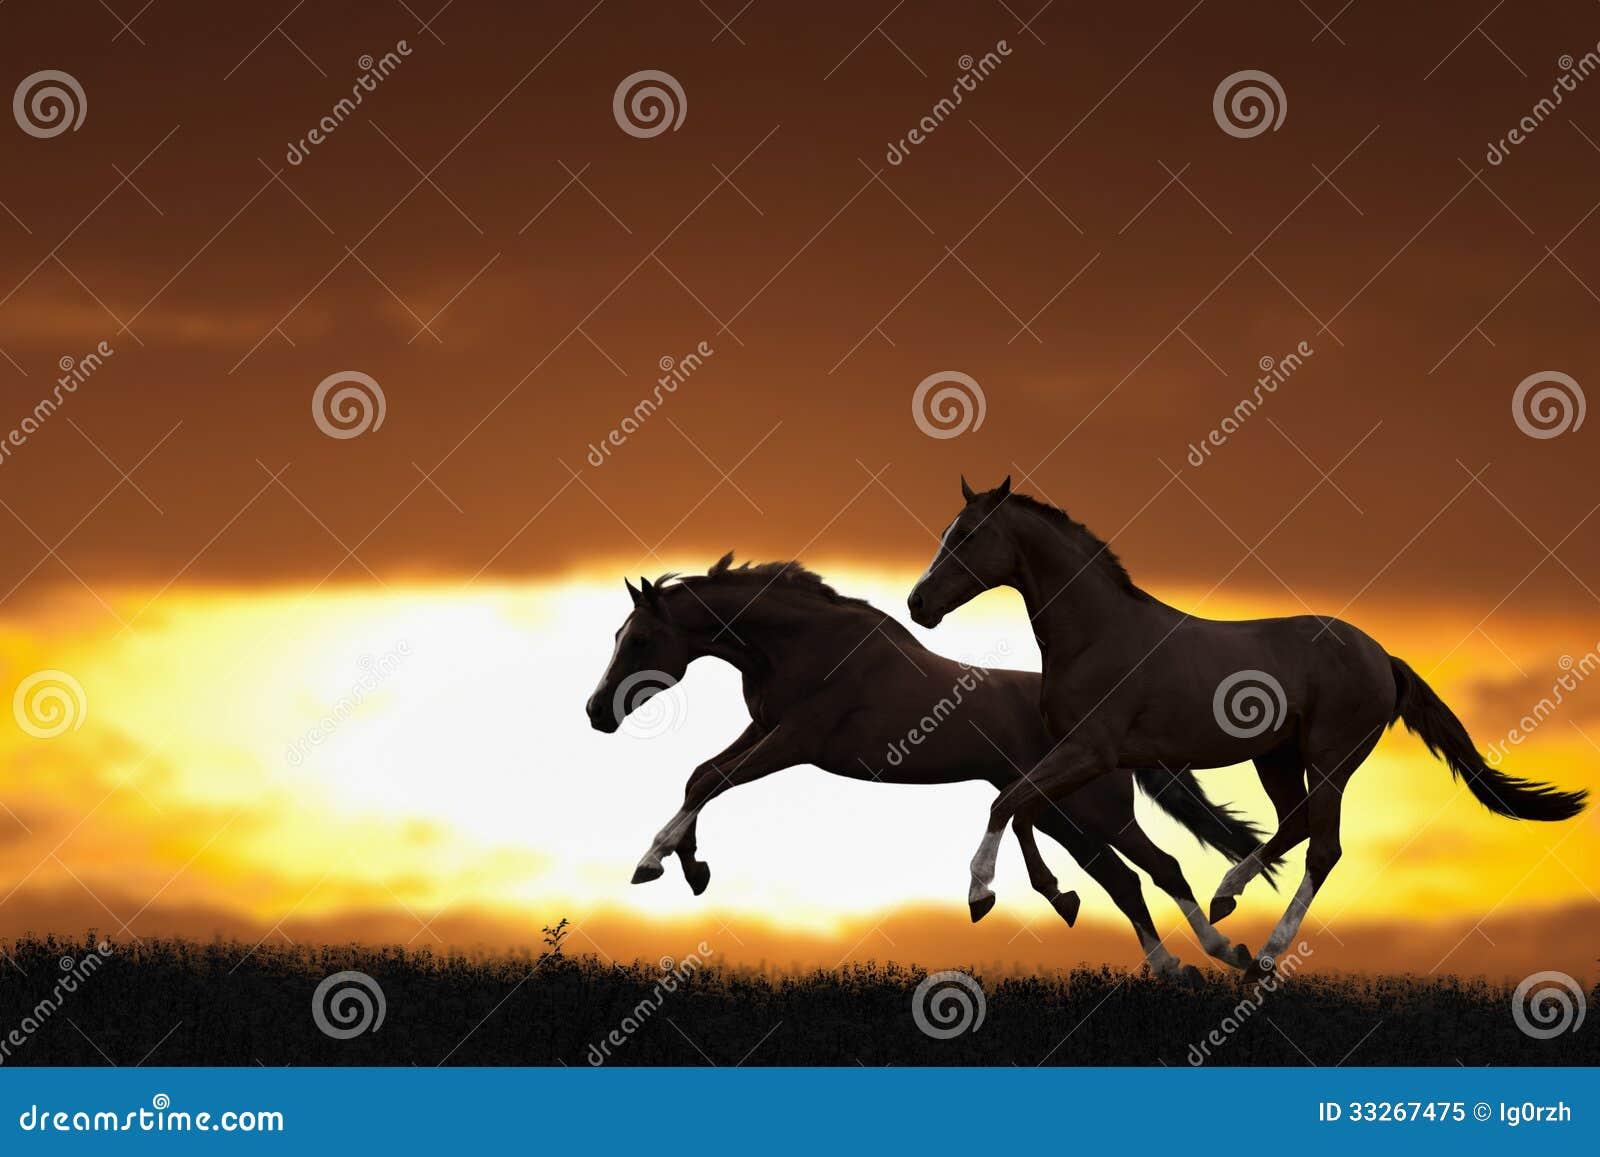 running horse clipart